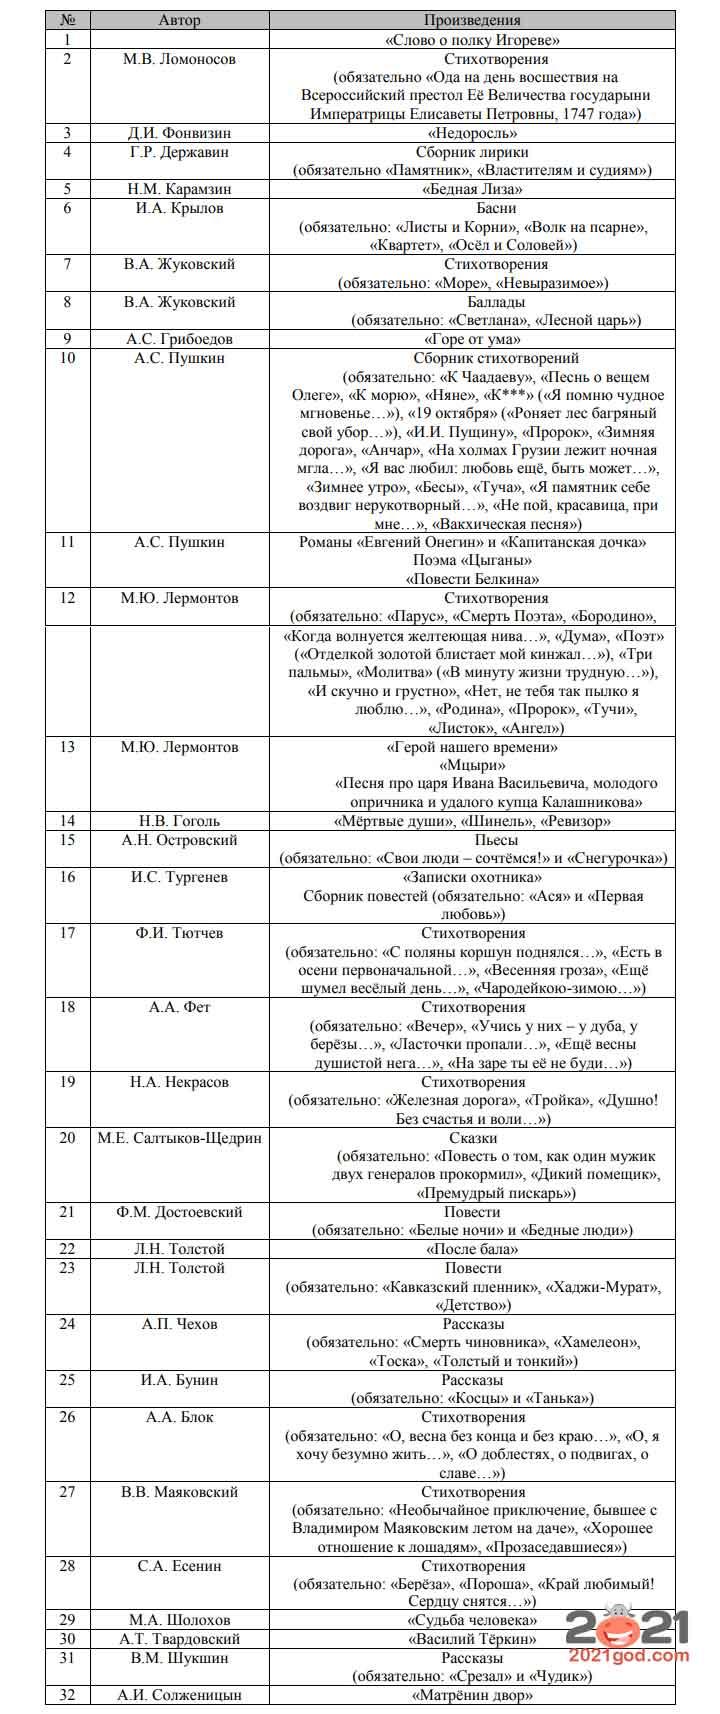 Список литературы для ОГЭ по литературе в 2021 году